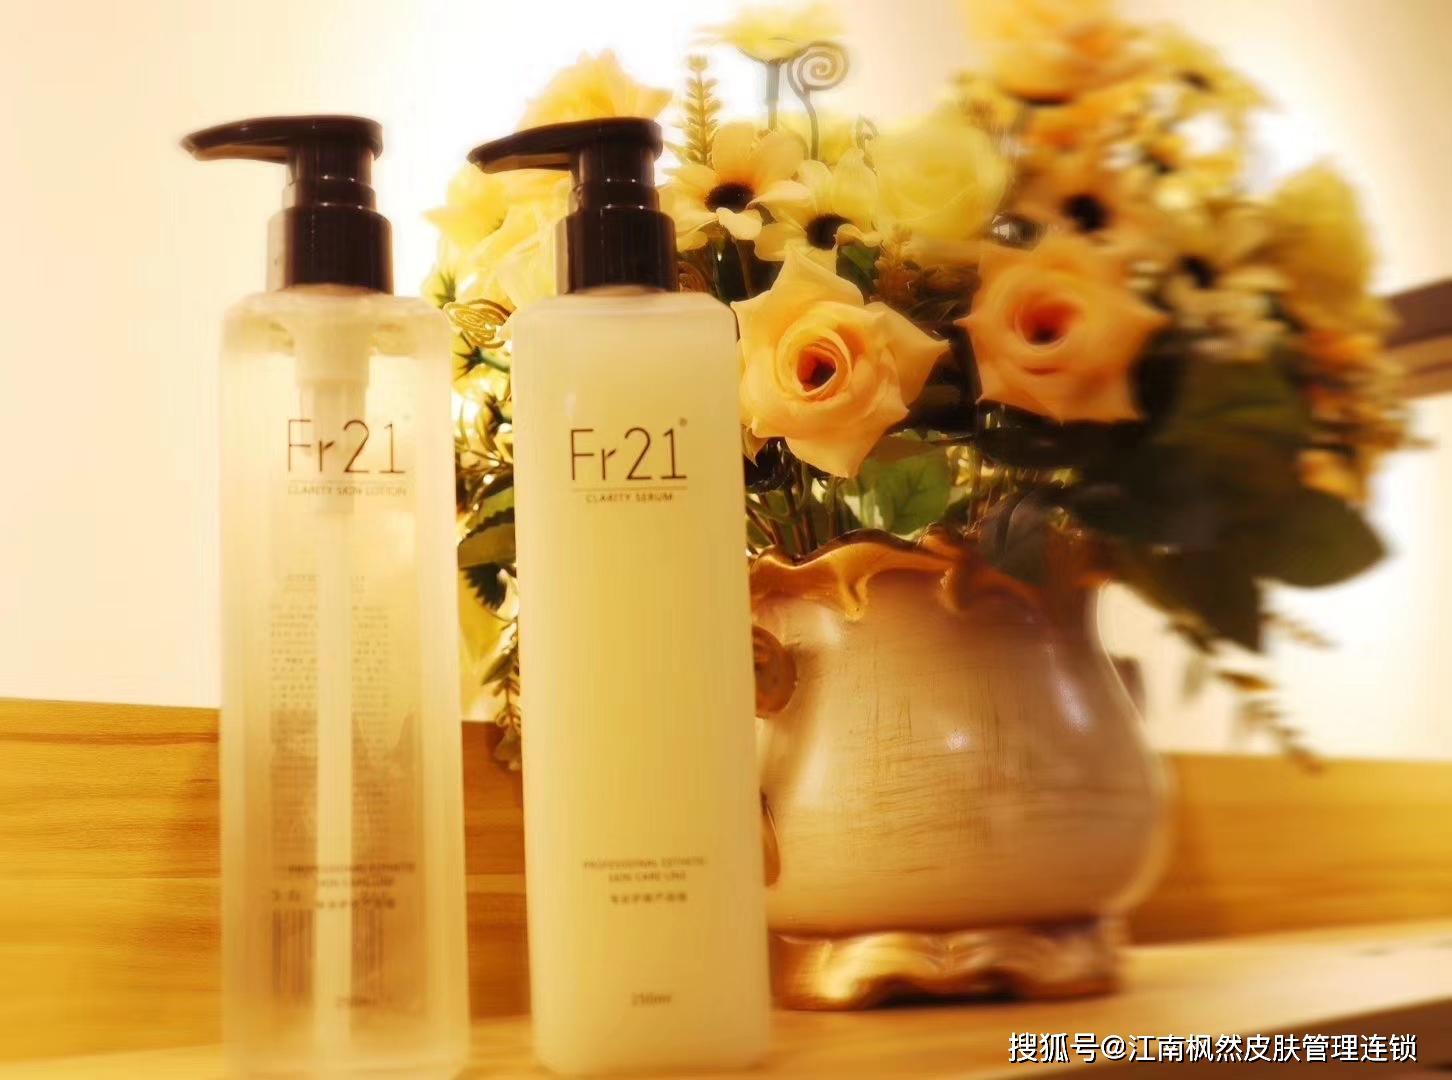 Fr21系列纯韩护肤产品---【Fr21靓彩(美白)系列】